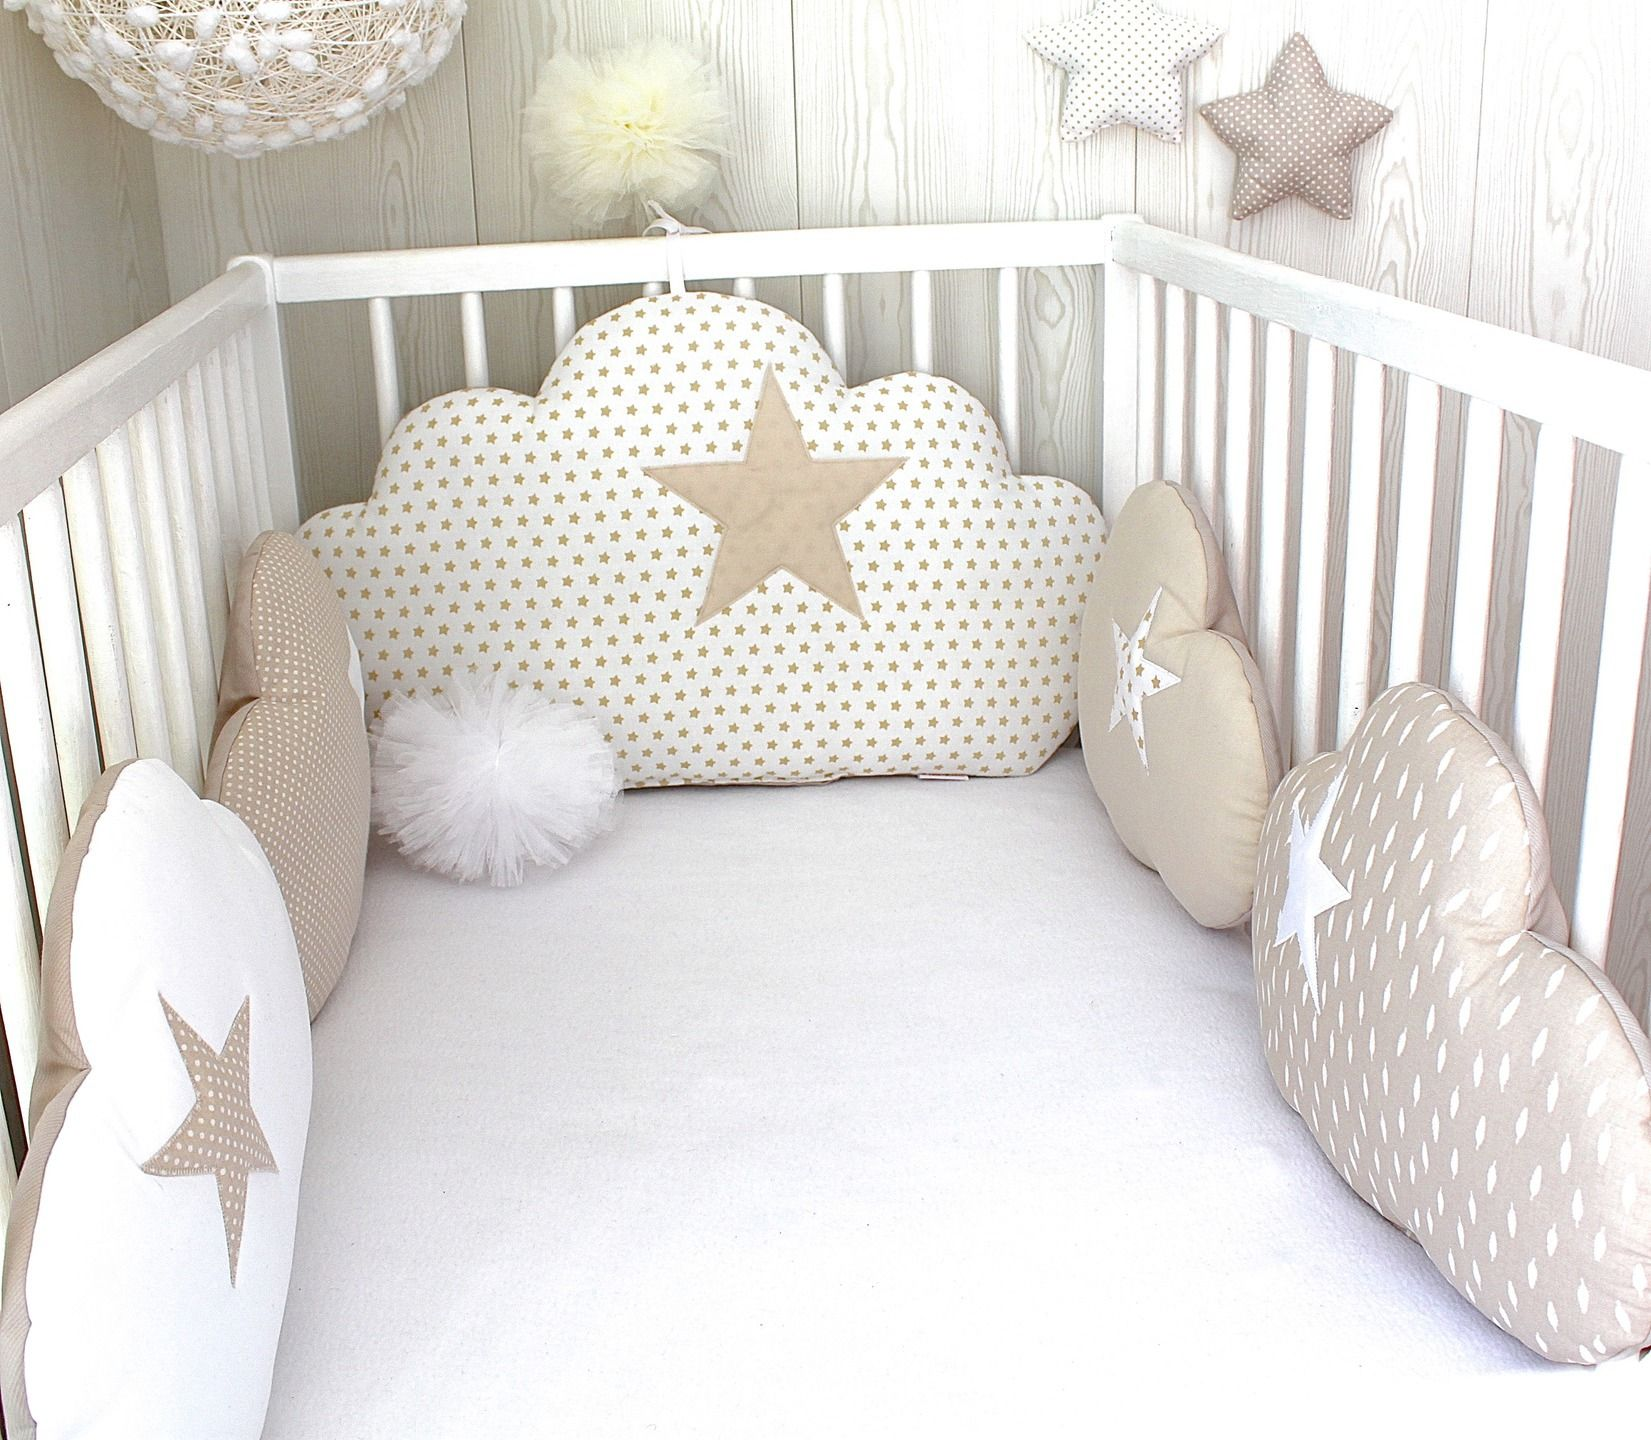 tour de lit b b en 60cm large nuages 5 coussins ton beige et blanc 30 pinterest beb. Black Bedroom Furniture Sets. Home Design Ideas